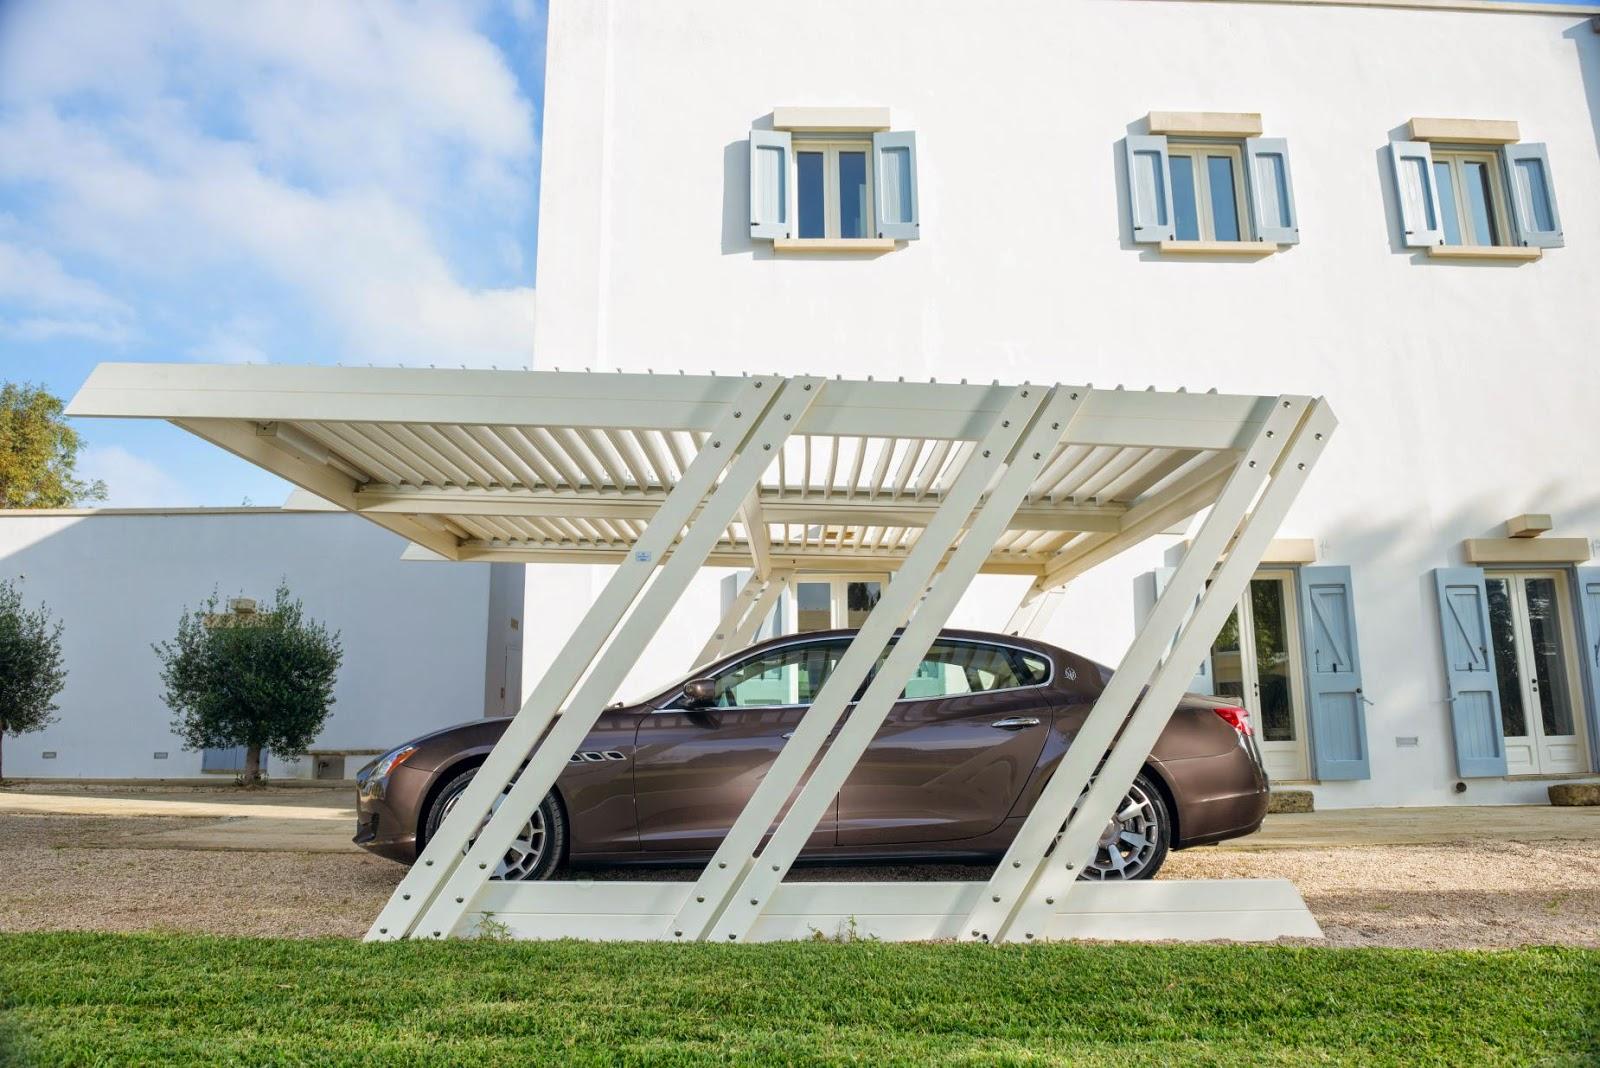 Carport%2BZ%2BDesign%2Bclient%2BM z design carport by afen confort